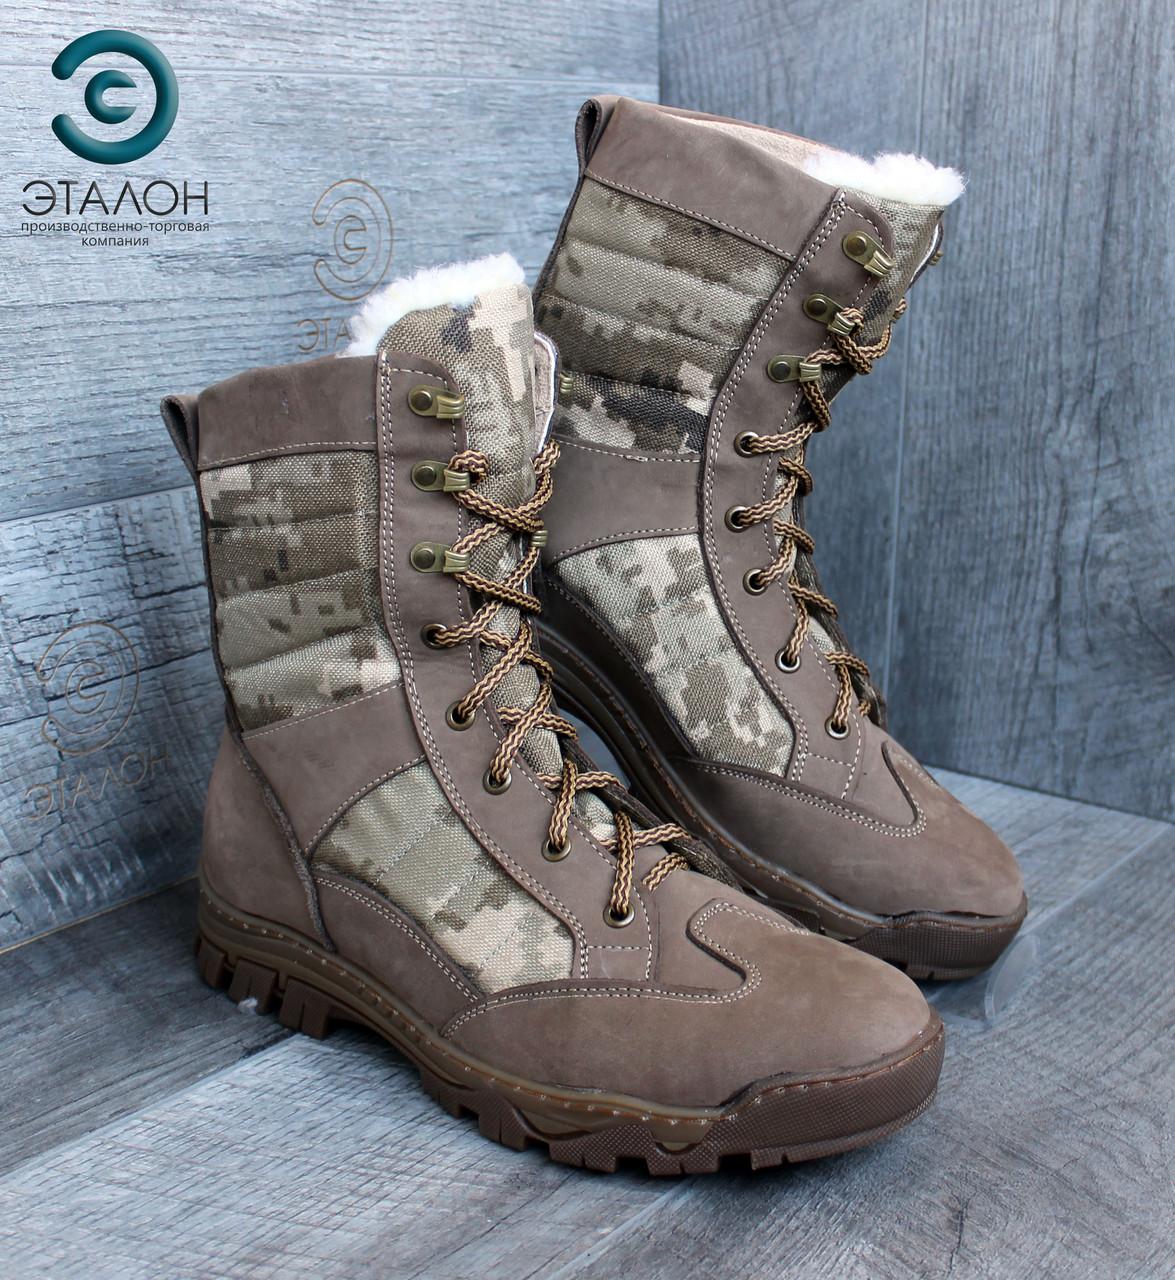 330193b7 Ботинки берцы зимние нубук ARS-2 пиксель ВСУ обувь для армии - Эталон в  Харькове